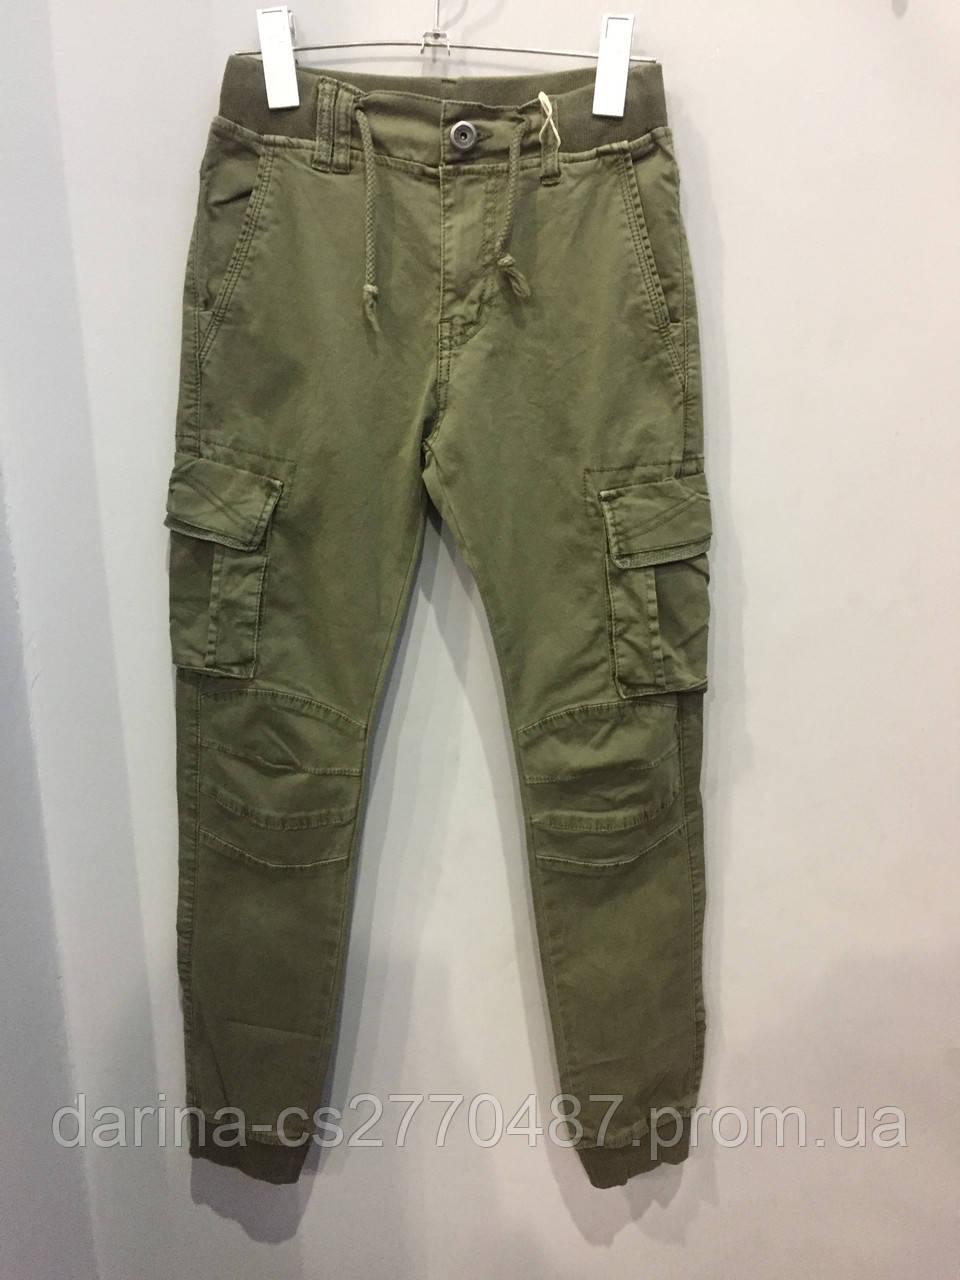 Модные подростковые котоновые брюки для мальчика 134 см